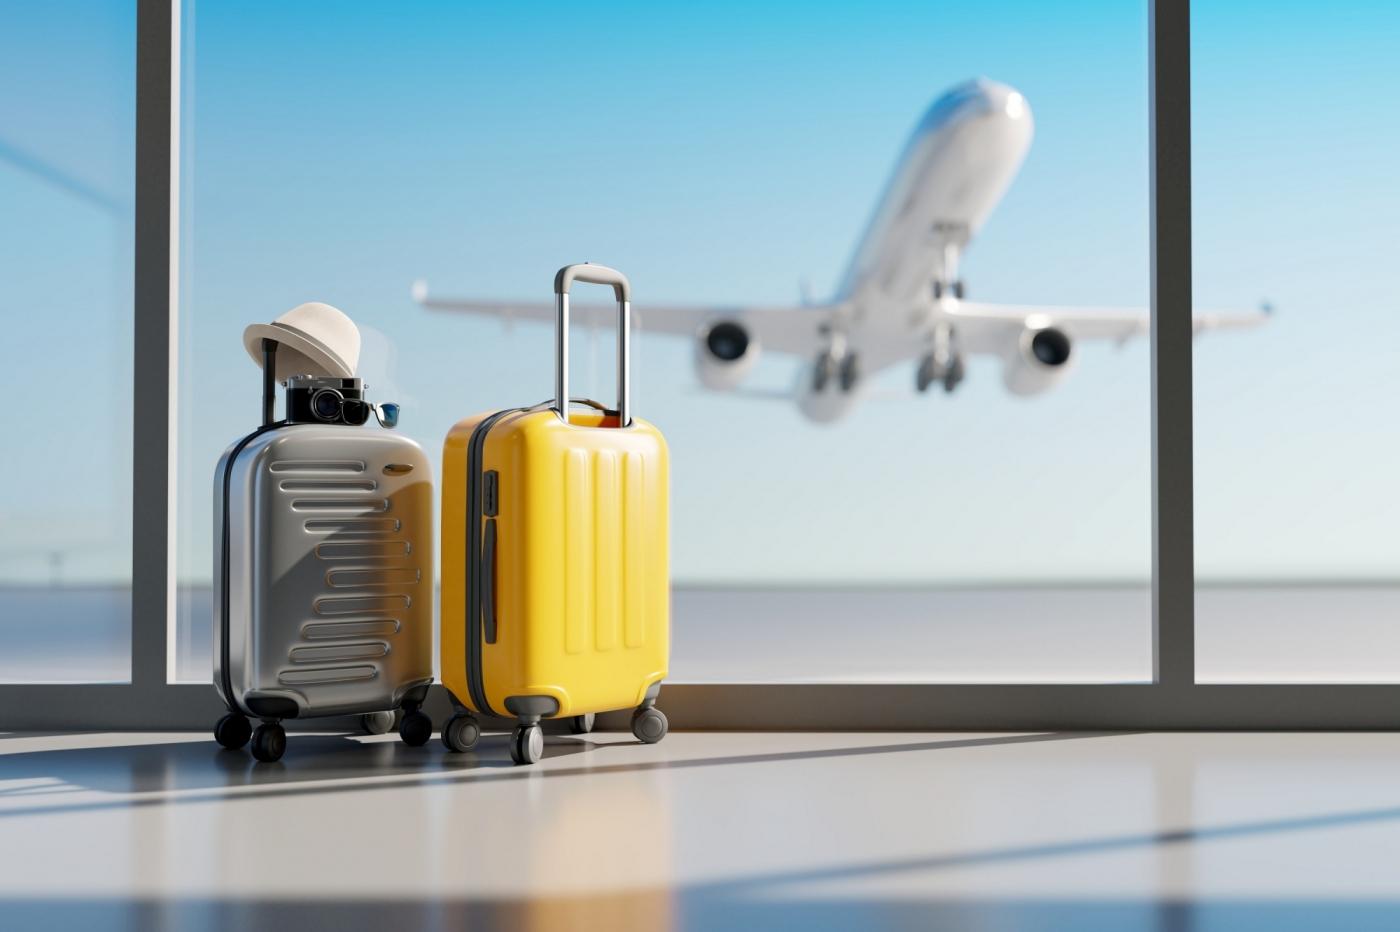 2020年台灣熱門旅遊城市出爐,花東奪冠,台南只排第10!國旅機票怎麼買最划算?